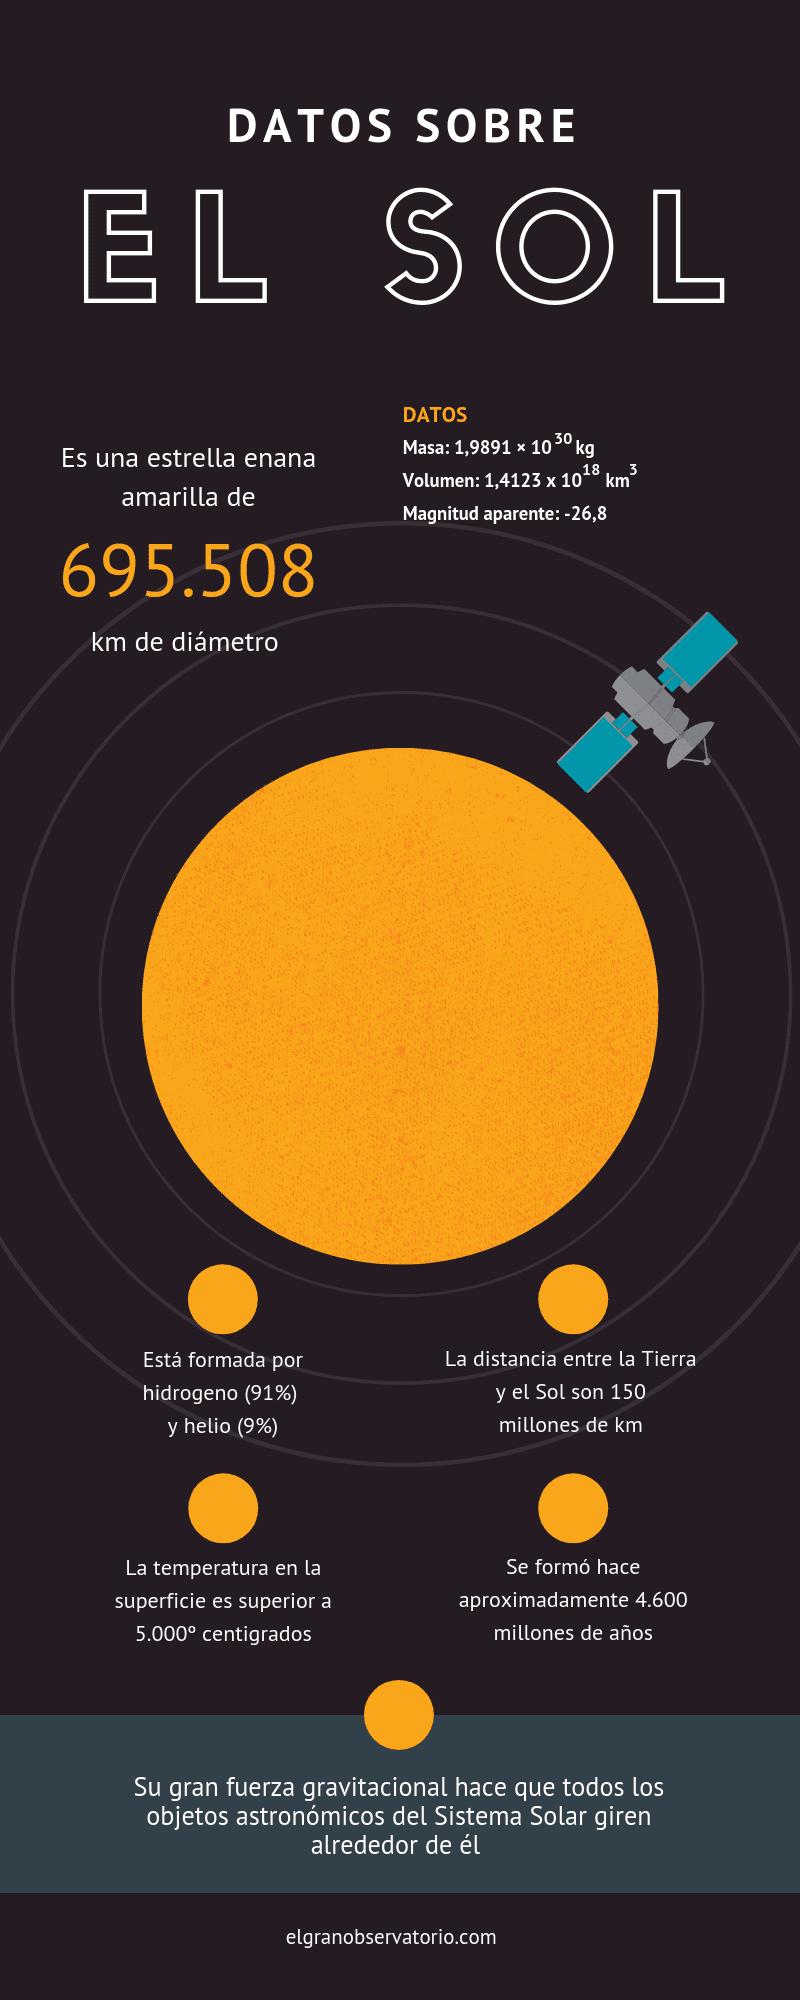 El Sol es una estrella enana amarilla.